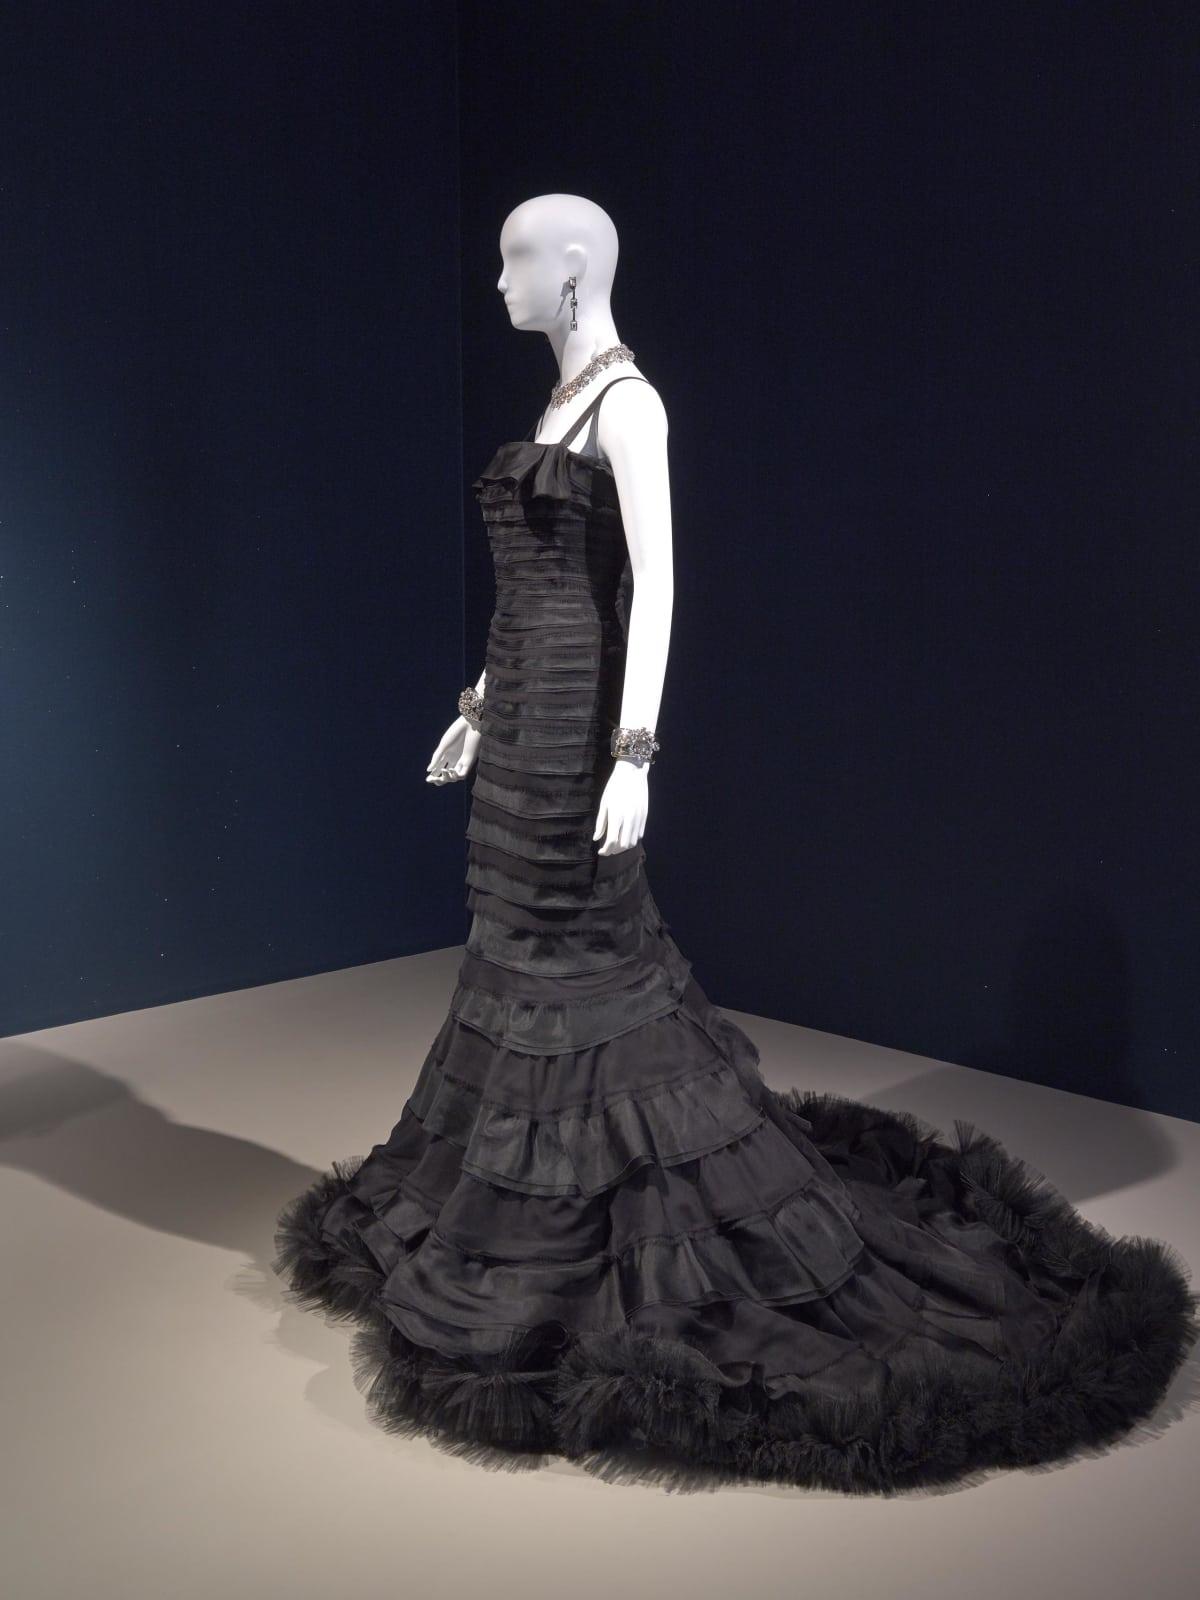 Oscar de la Renta MFAH exhibition Penelope Cruz gown